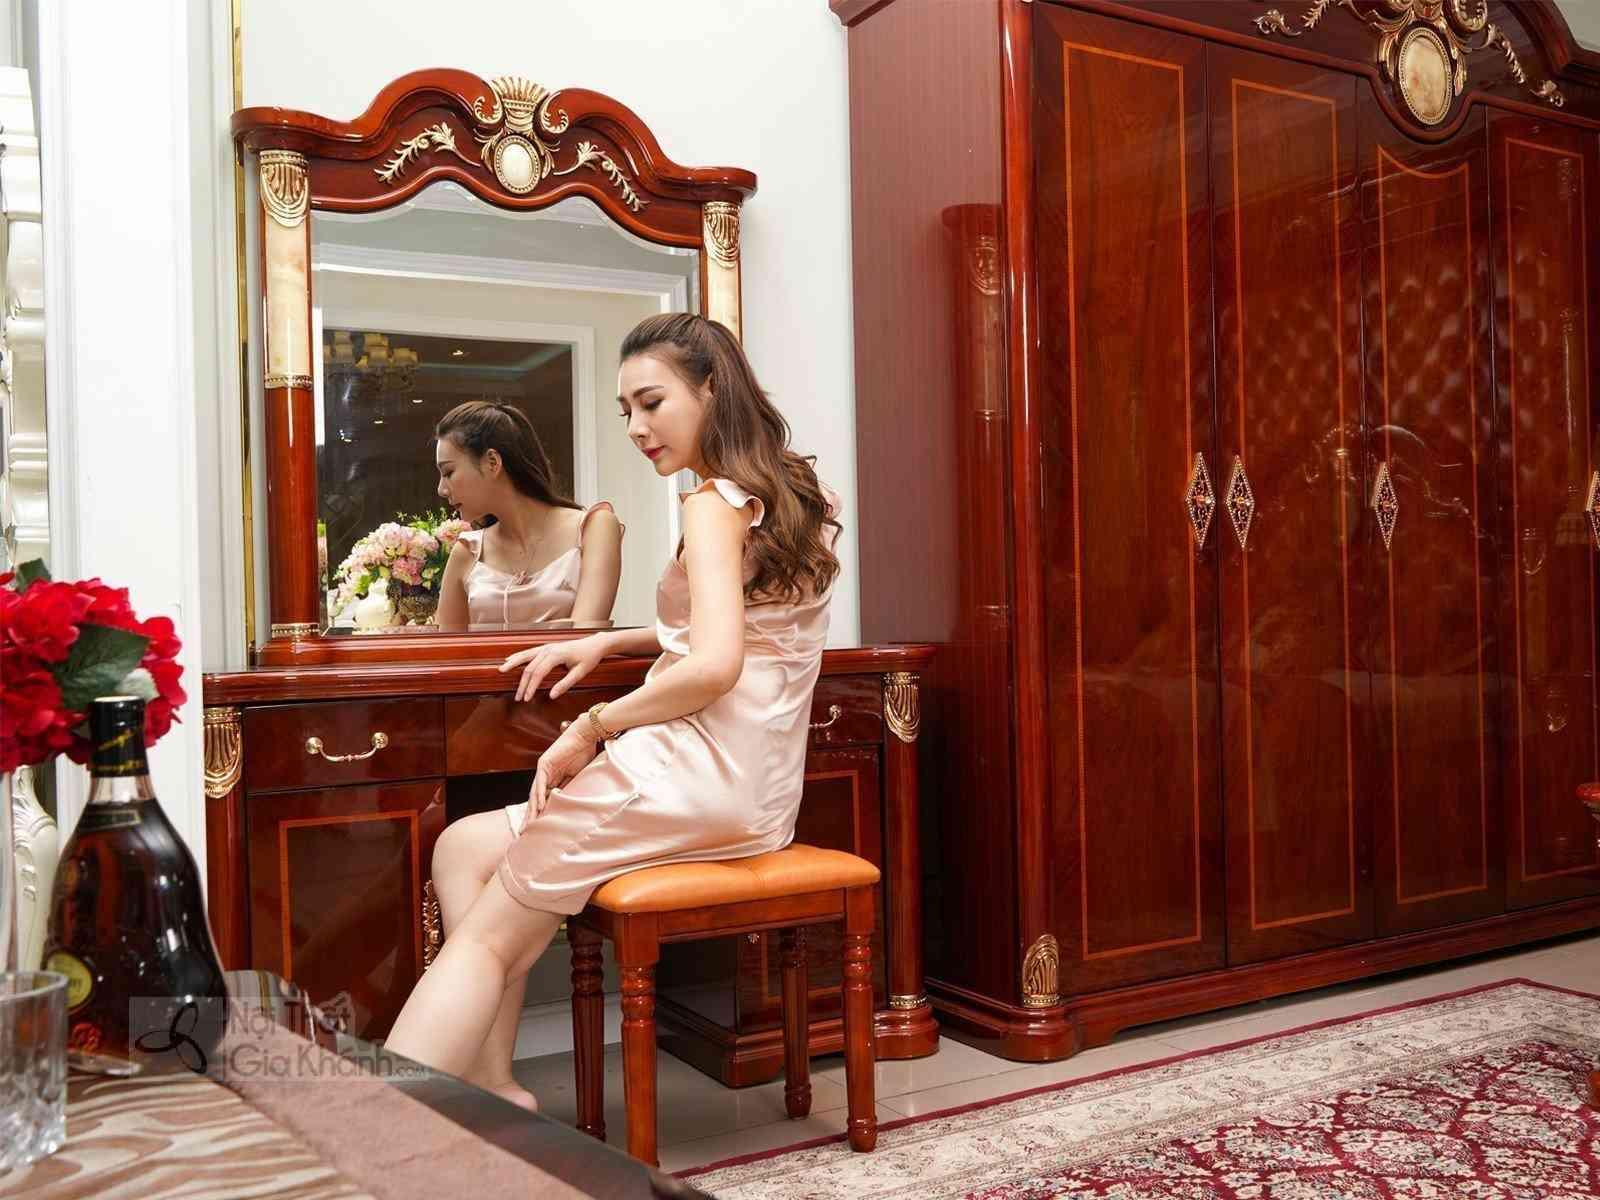 ban trang diem tan co dien 509C 1310x460x1819 GHẾ 430x300x400 - Bàn trang điểm gỗ màu nâu kết hợp ghế ngồi êm ái KH509C